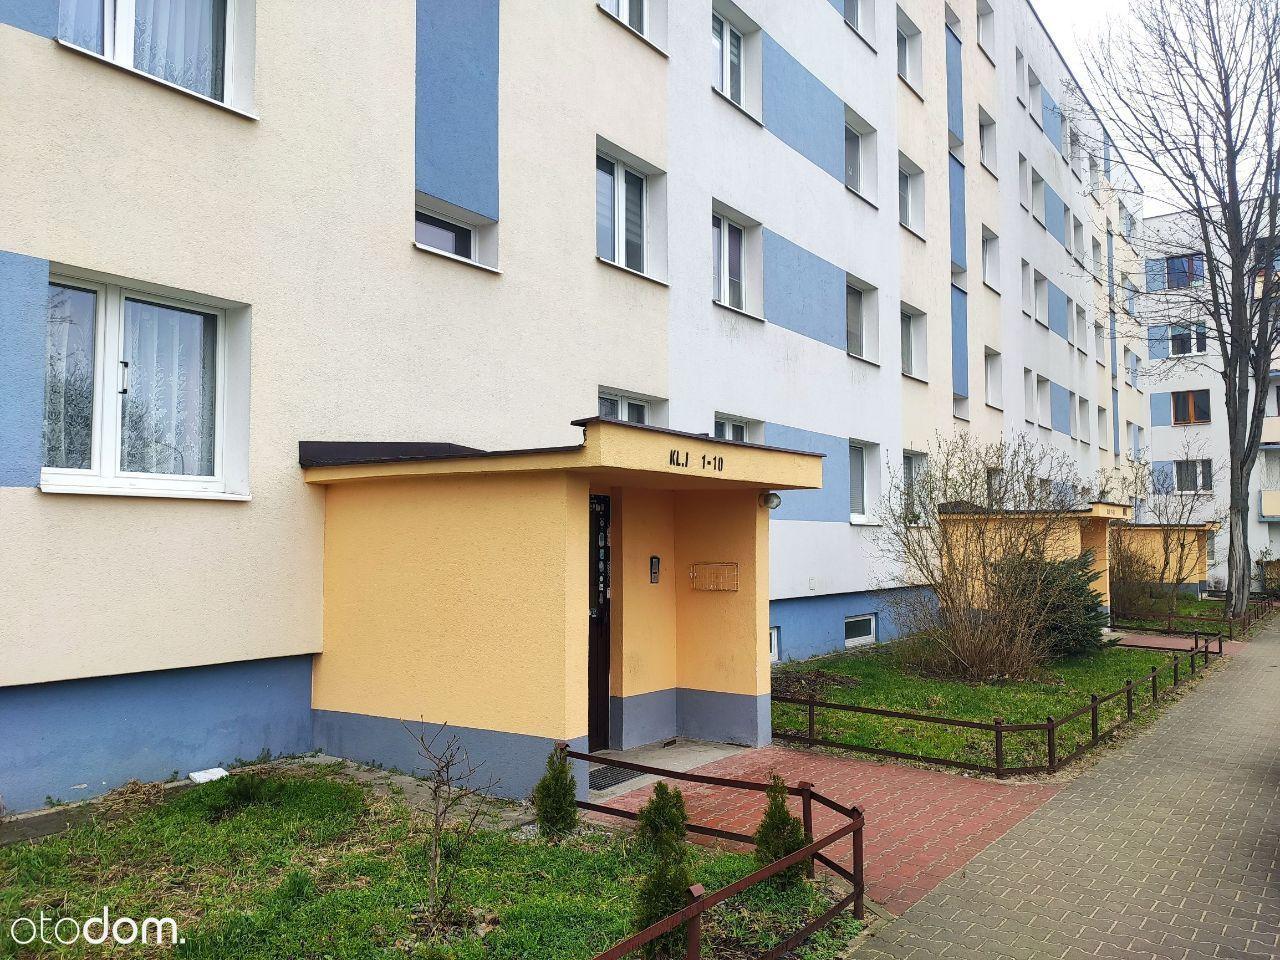 3 Pokoje, balkon, łazienka+WC, pierwszy właściciel